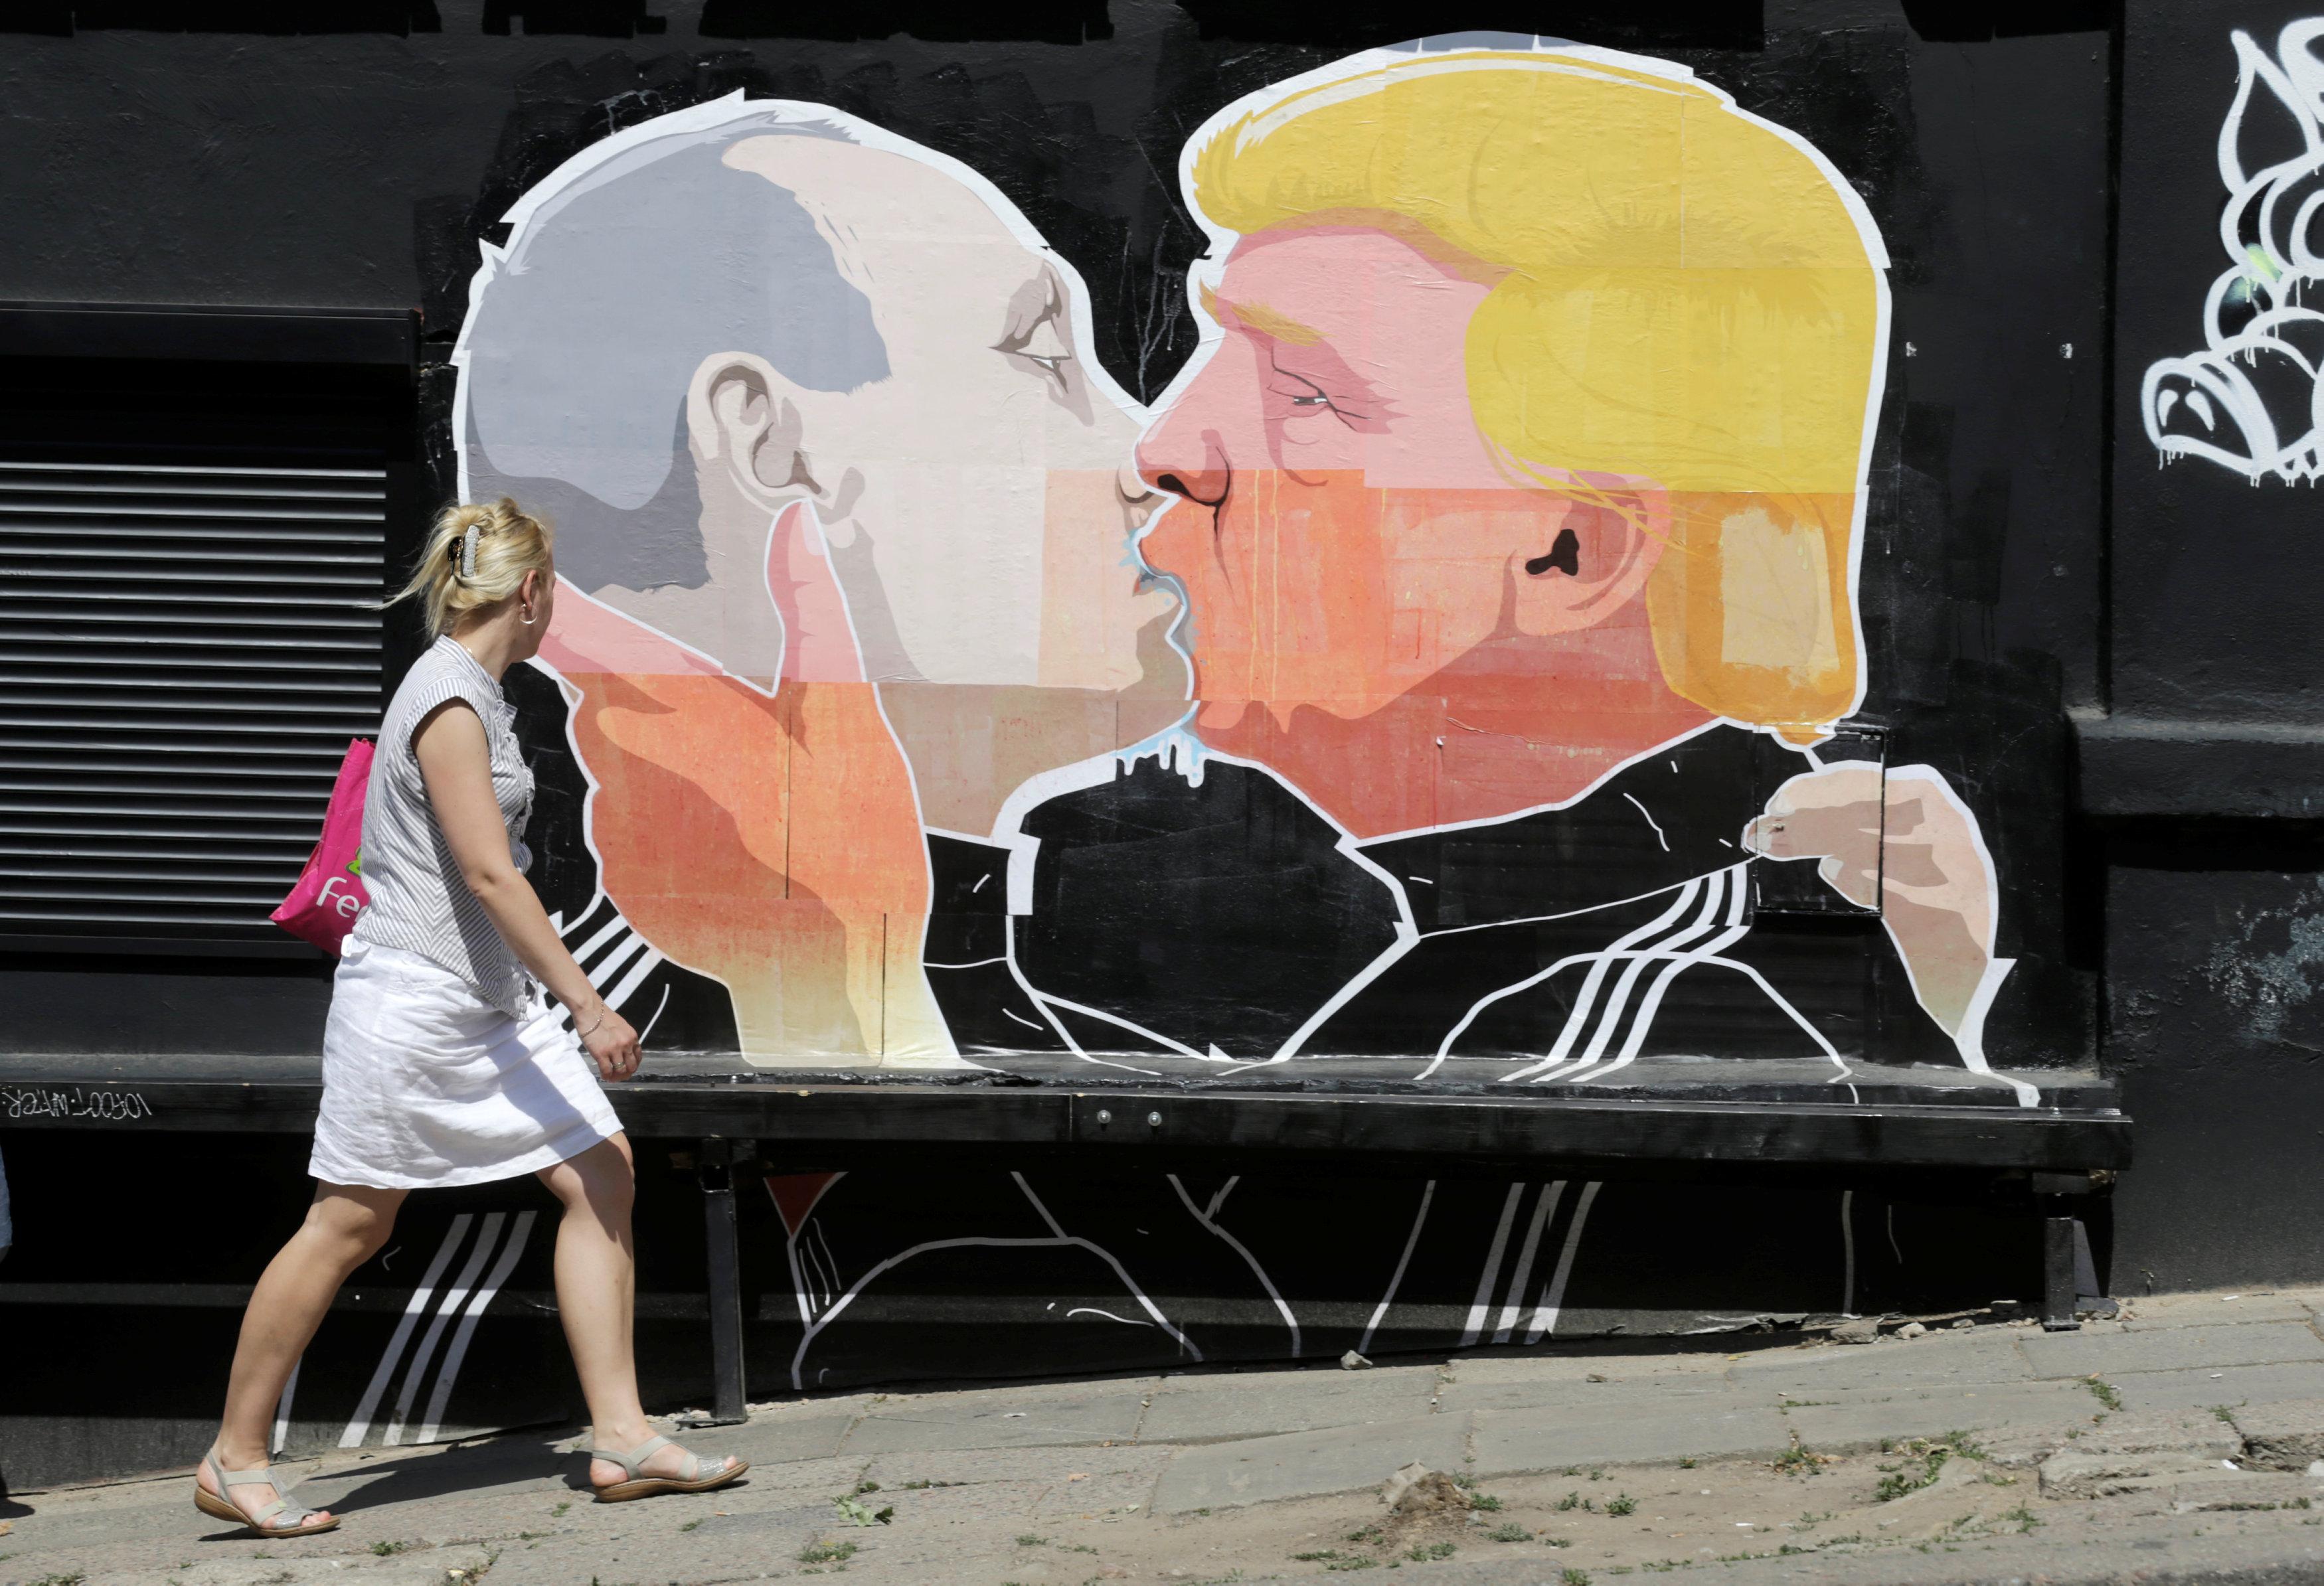 F bri trump russia poll a 20160608.jpg?ixlib=rails 1.1